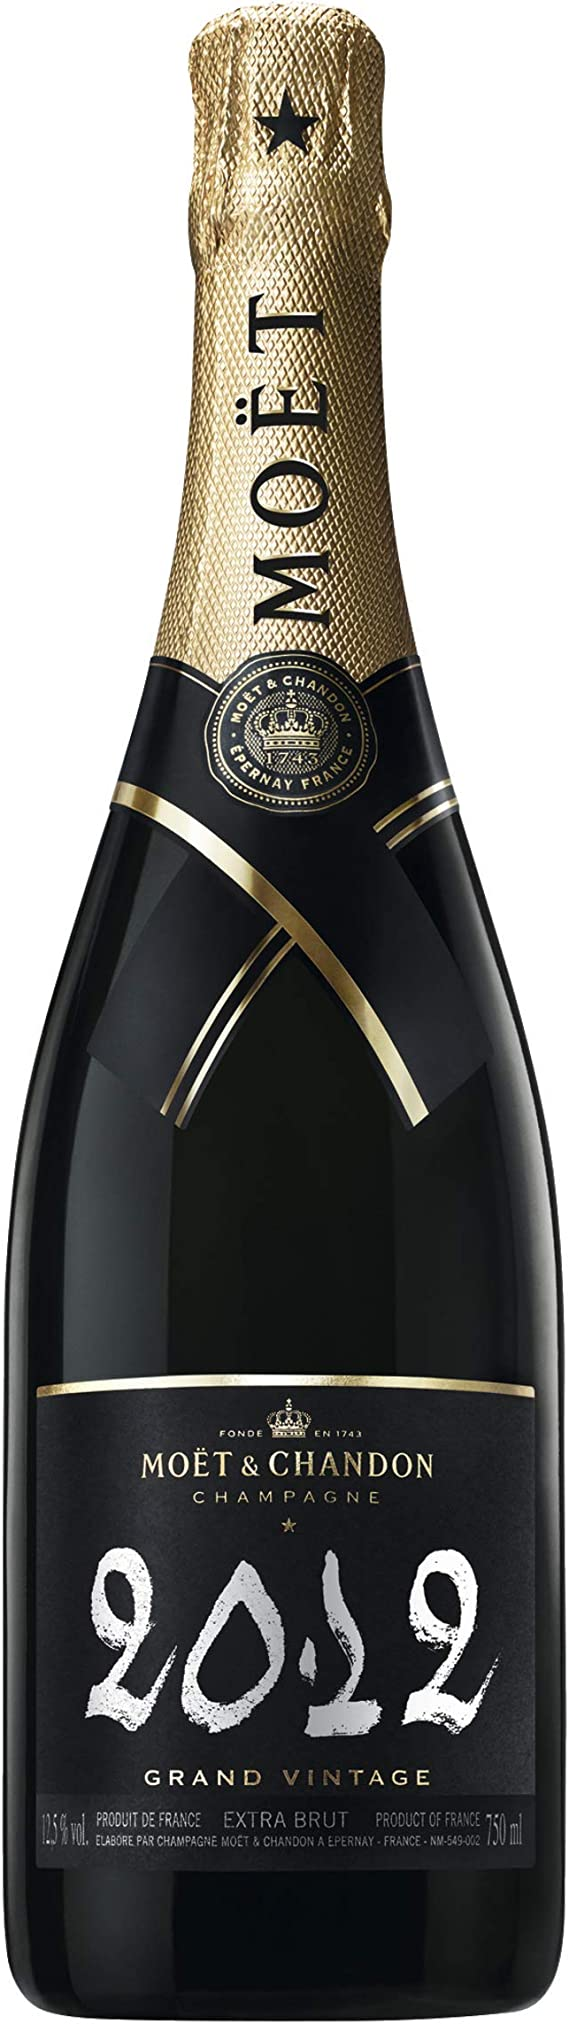 MoËT &Amp; Chandon - Champagne moã«t & chandon estuche grand vintage 2008: Amazon.es: Alimentación y bebidas